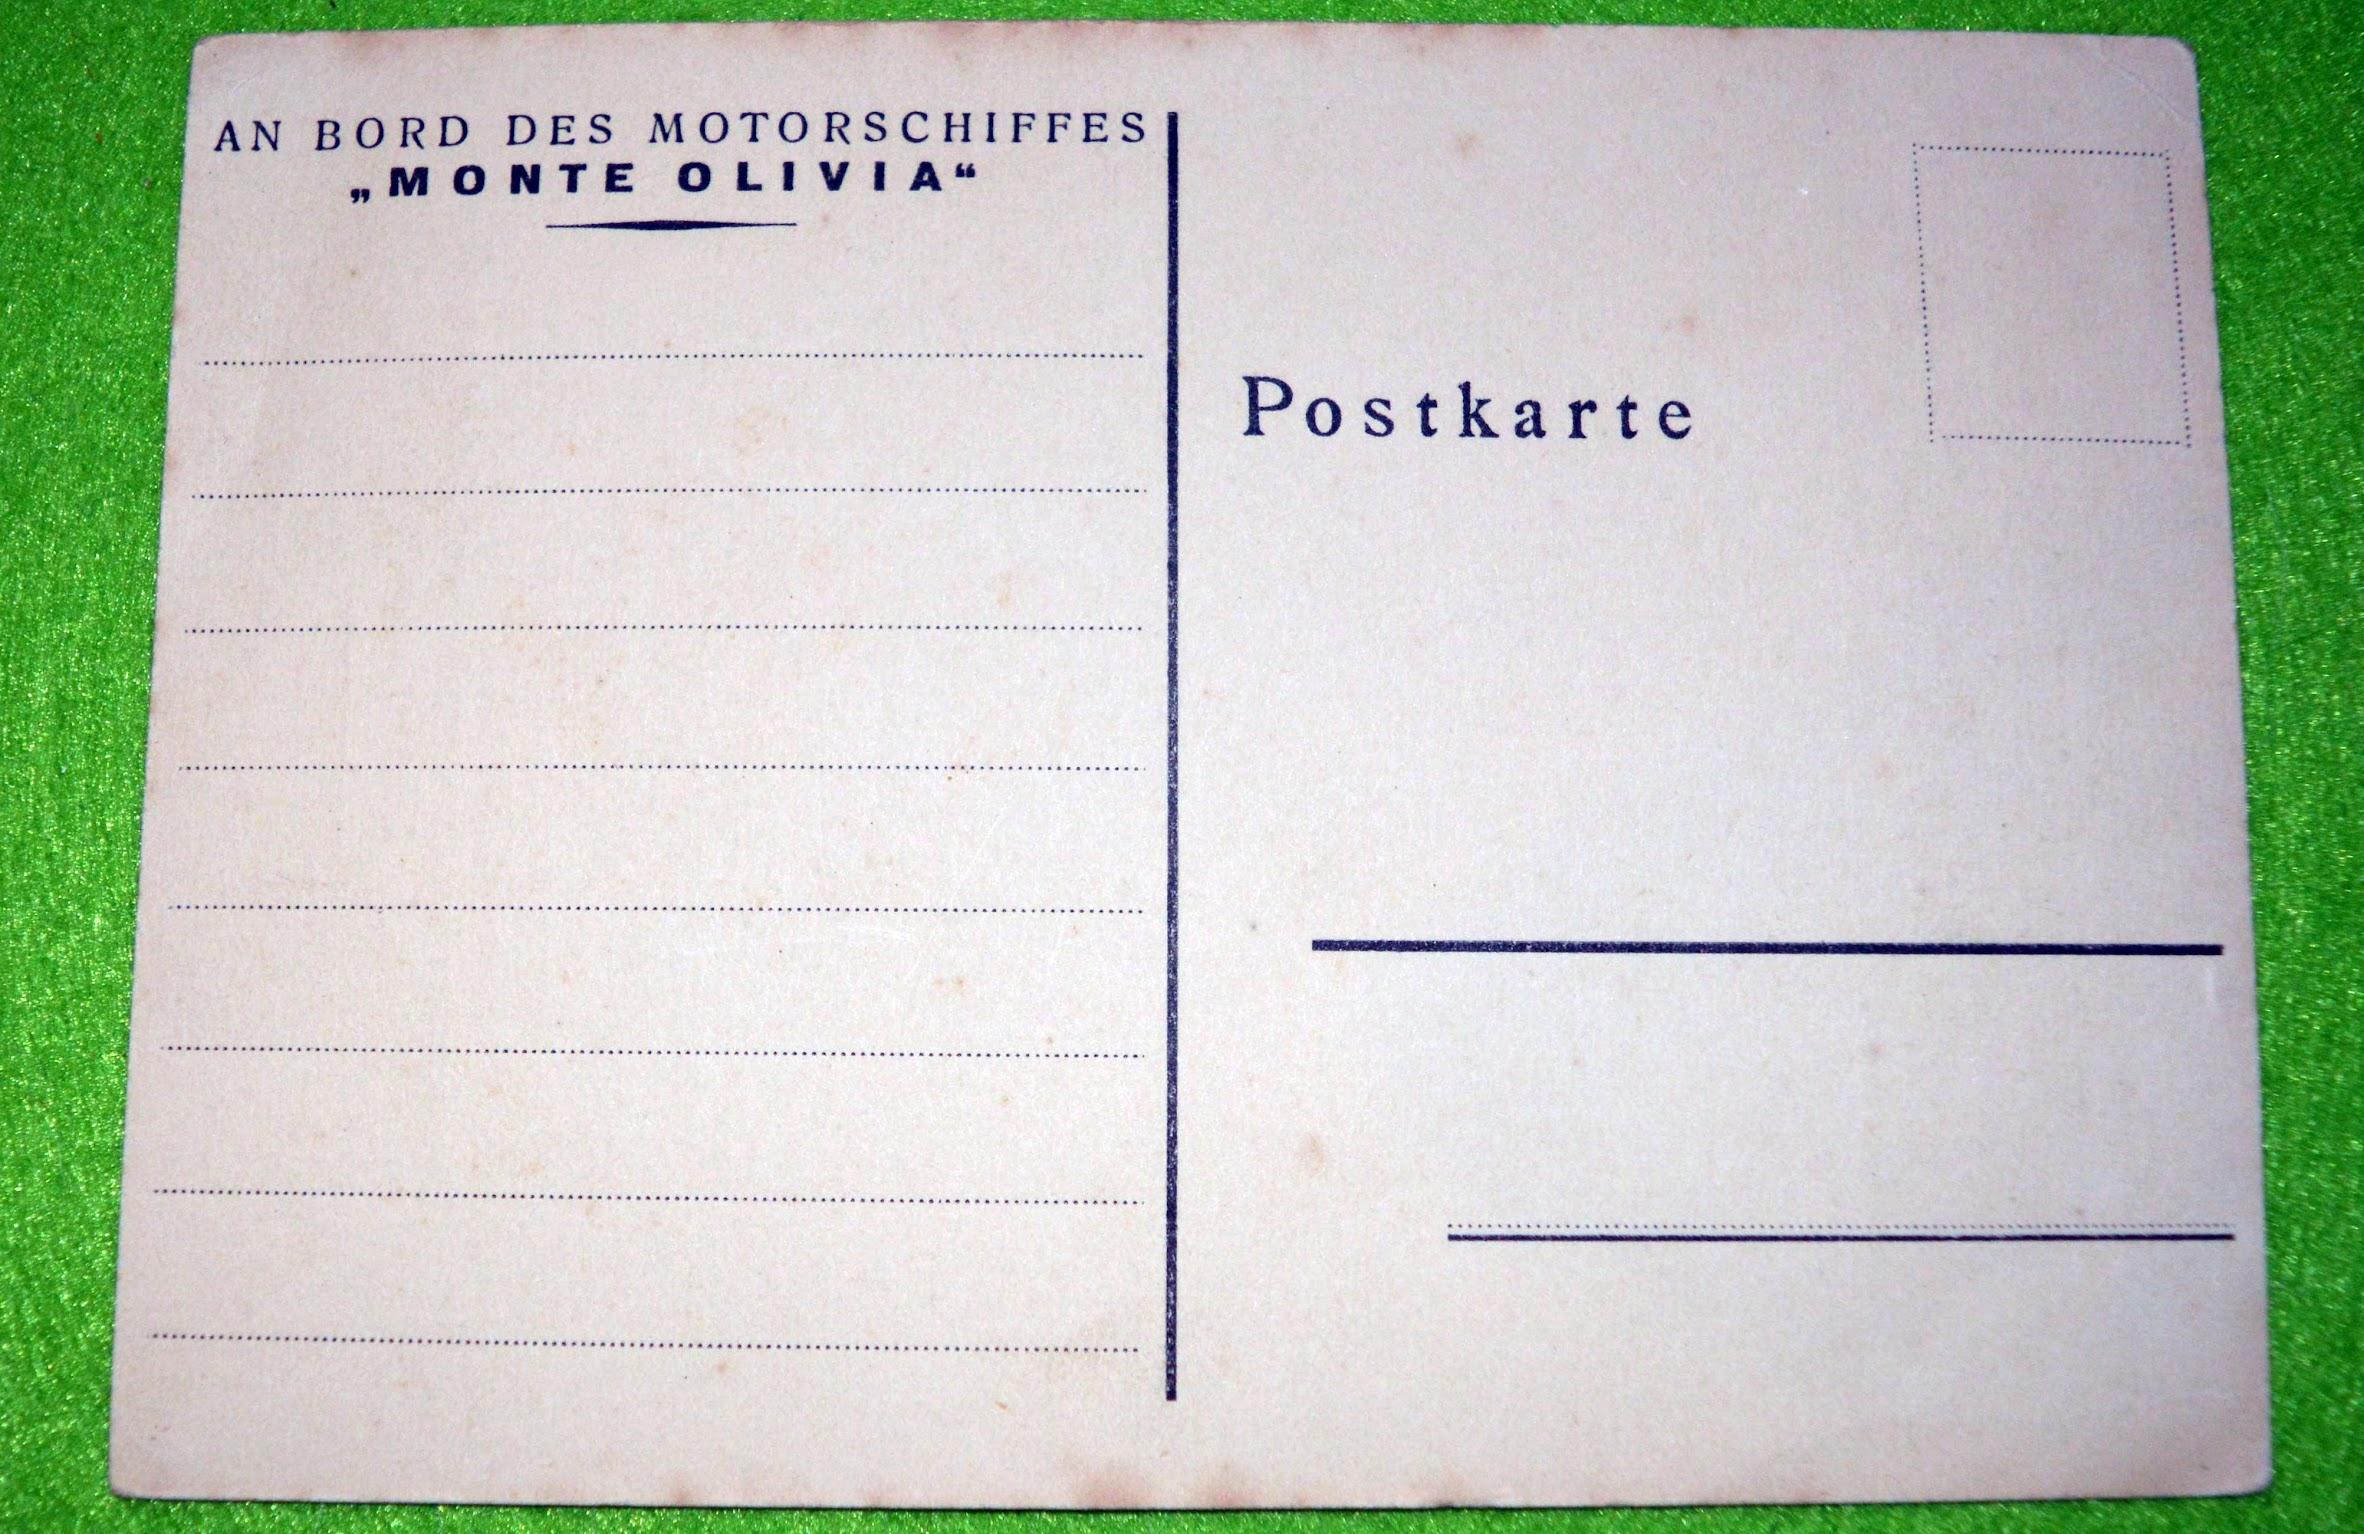 KdF - Kraft durch Freude Postkarte von Bord der M/S Monte Olivia - 1. Juli 1934